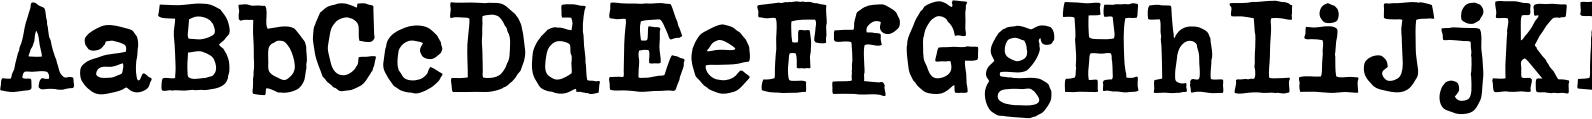 Click Clack